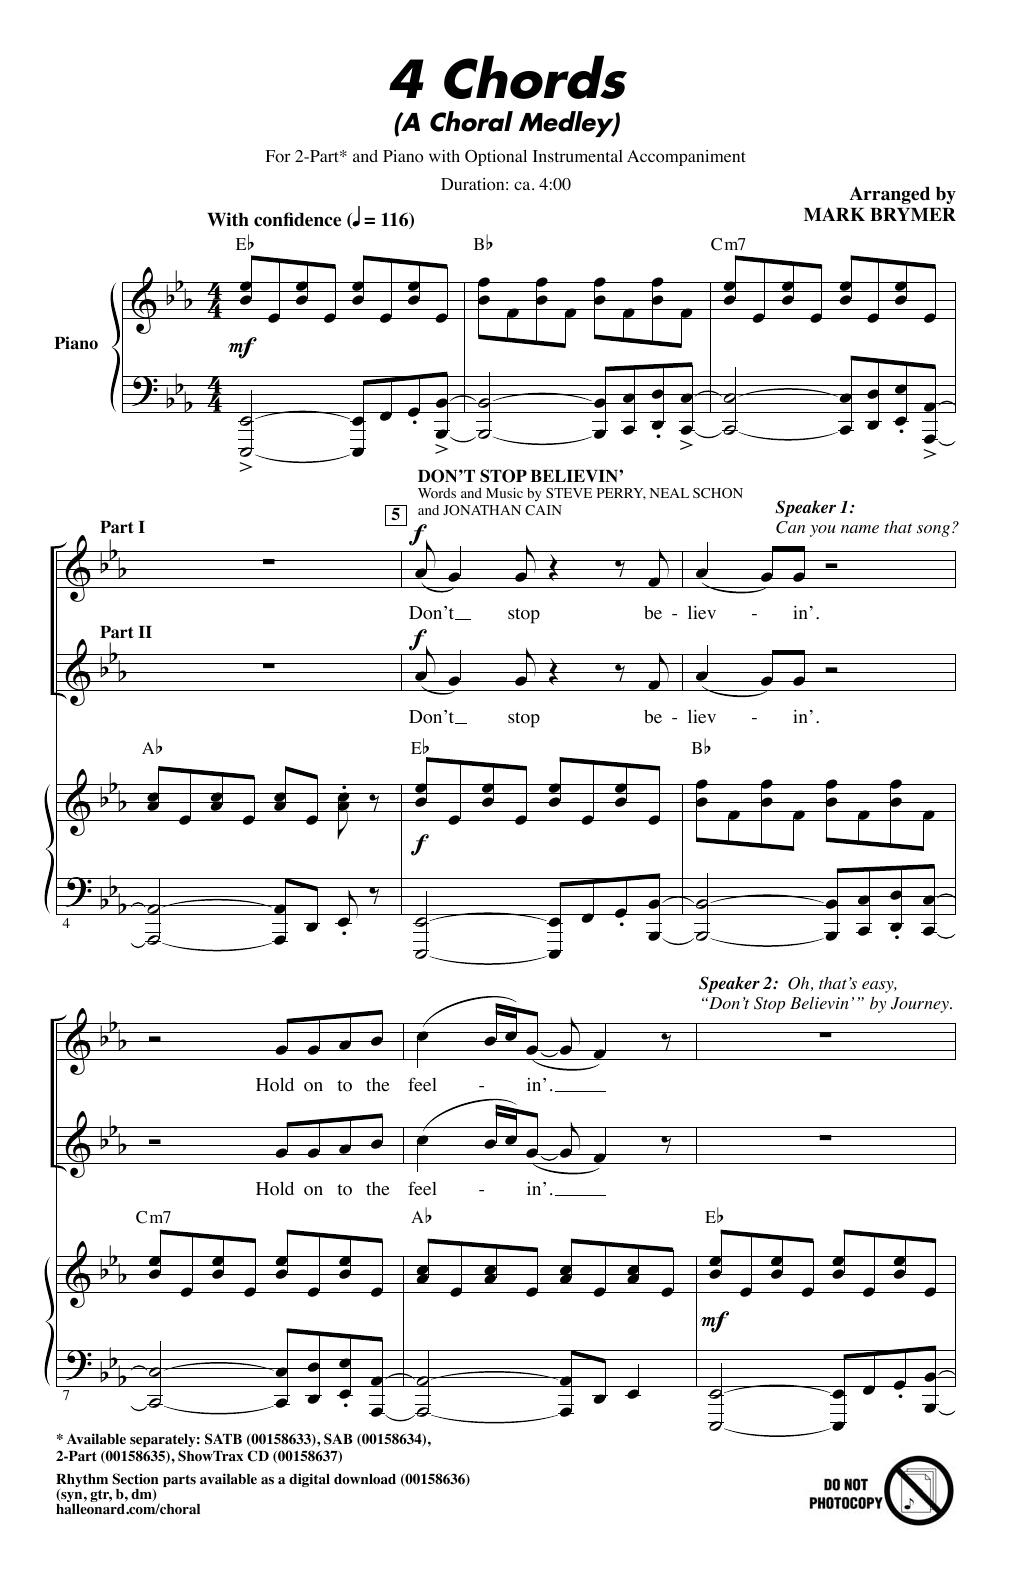 Four Chord Song 4 Chords A Choral Medley Mark Brymer 2 Part Choir Digital Sheet Music